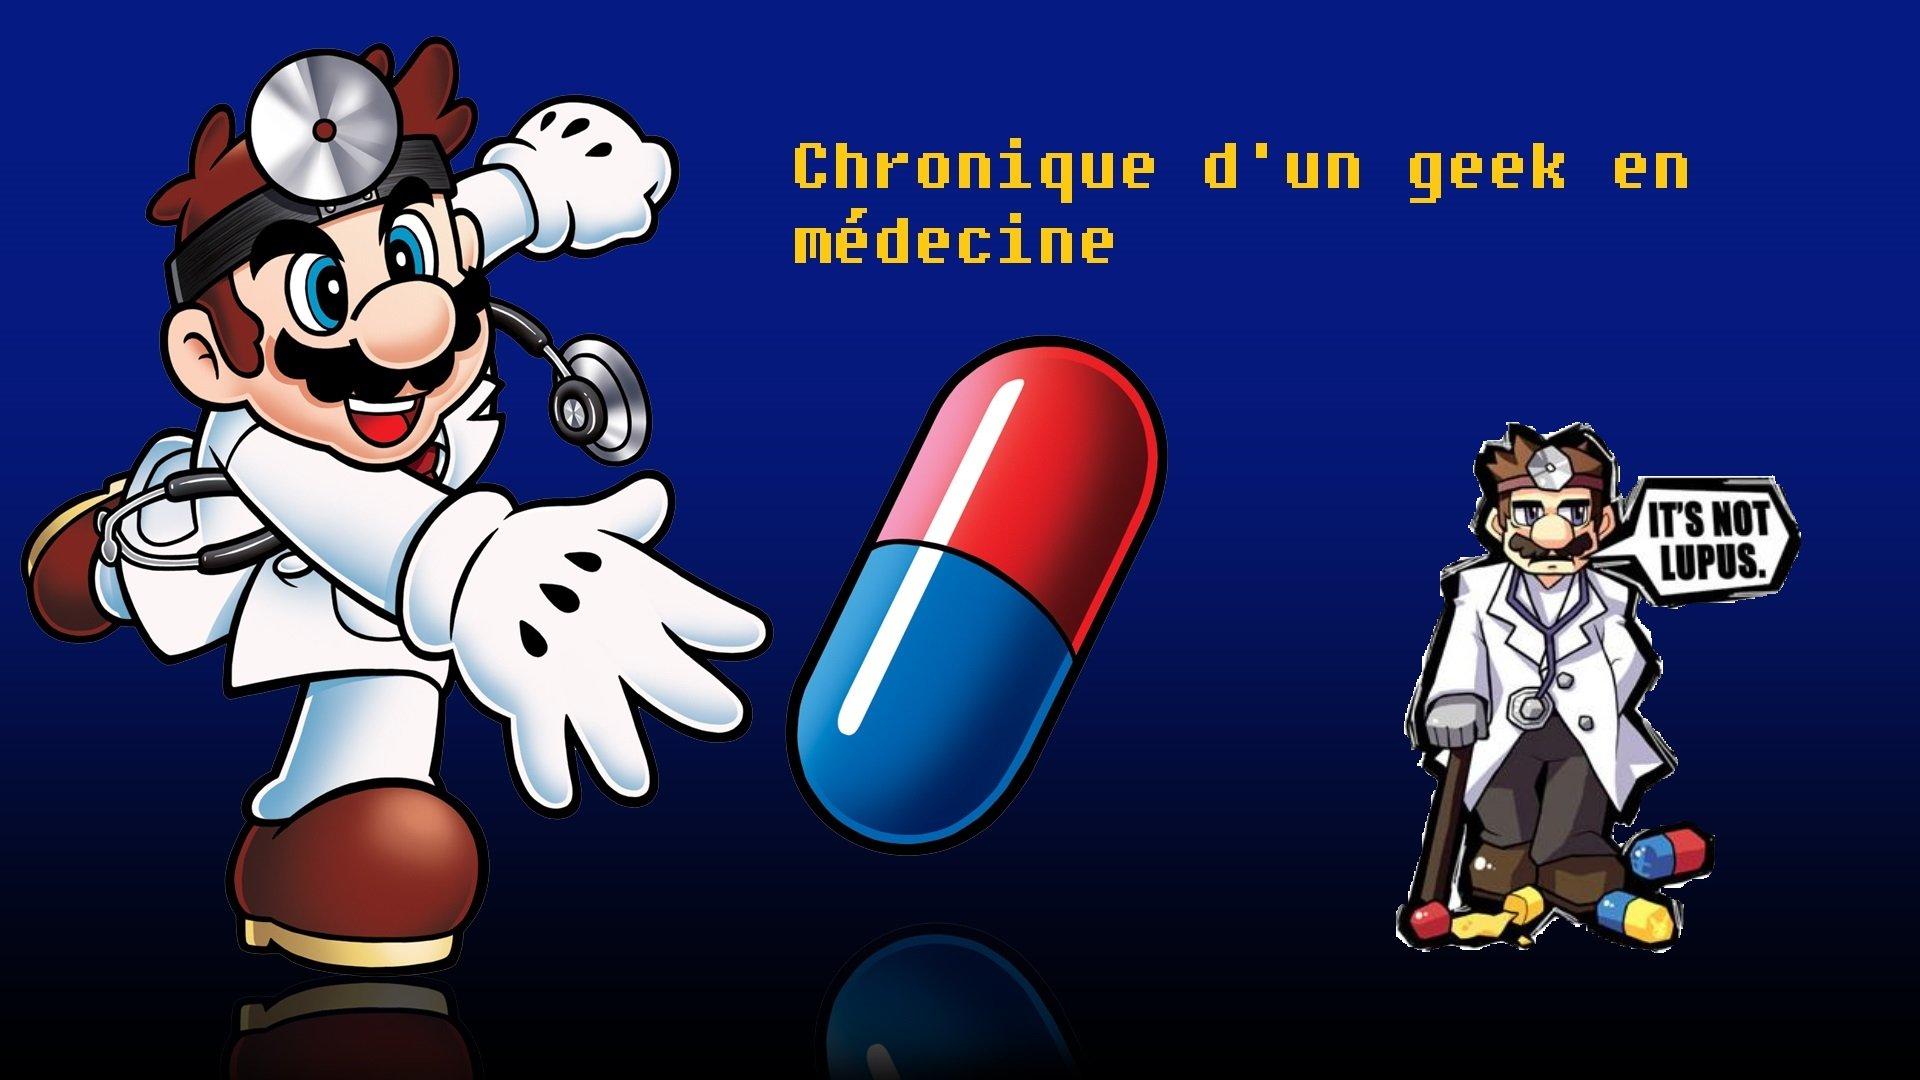 Chronique d'un geek en médecine